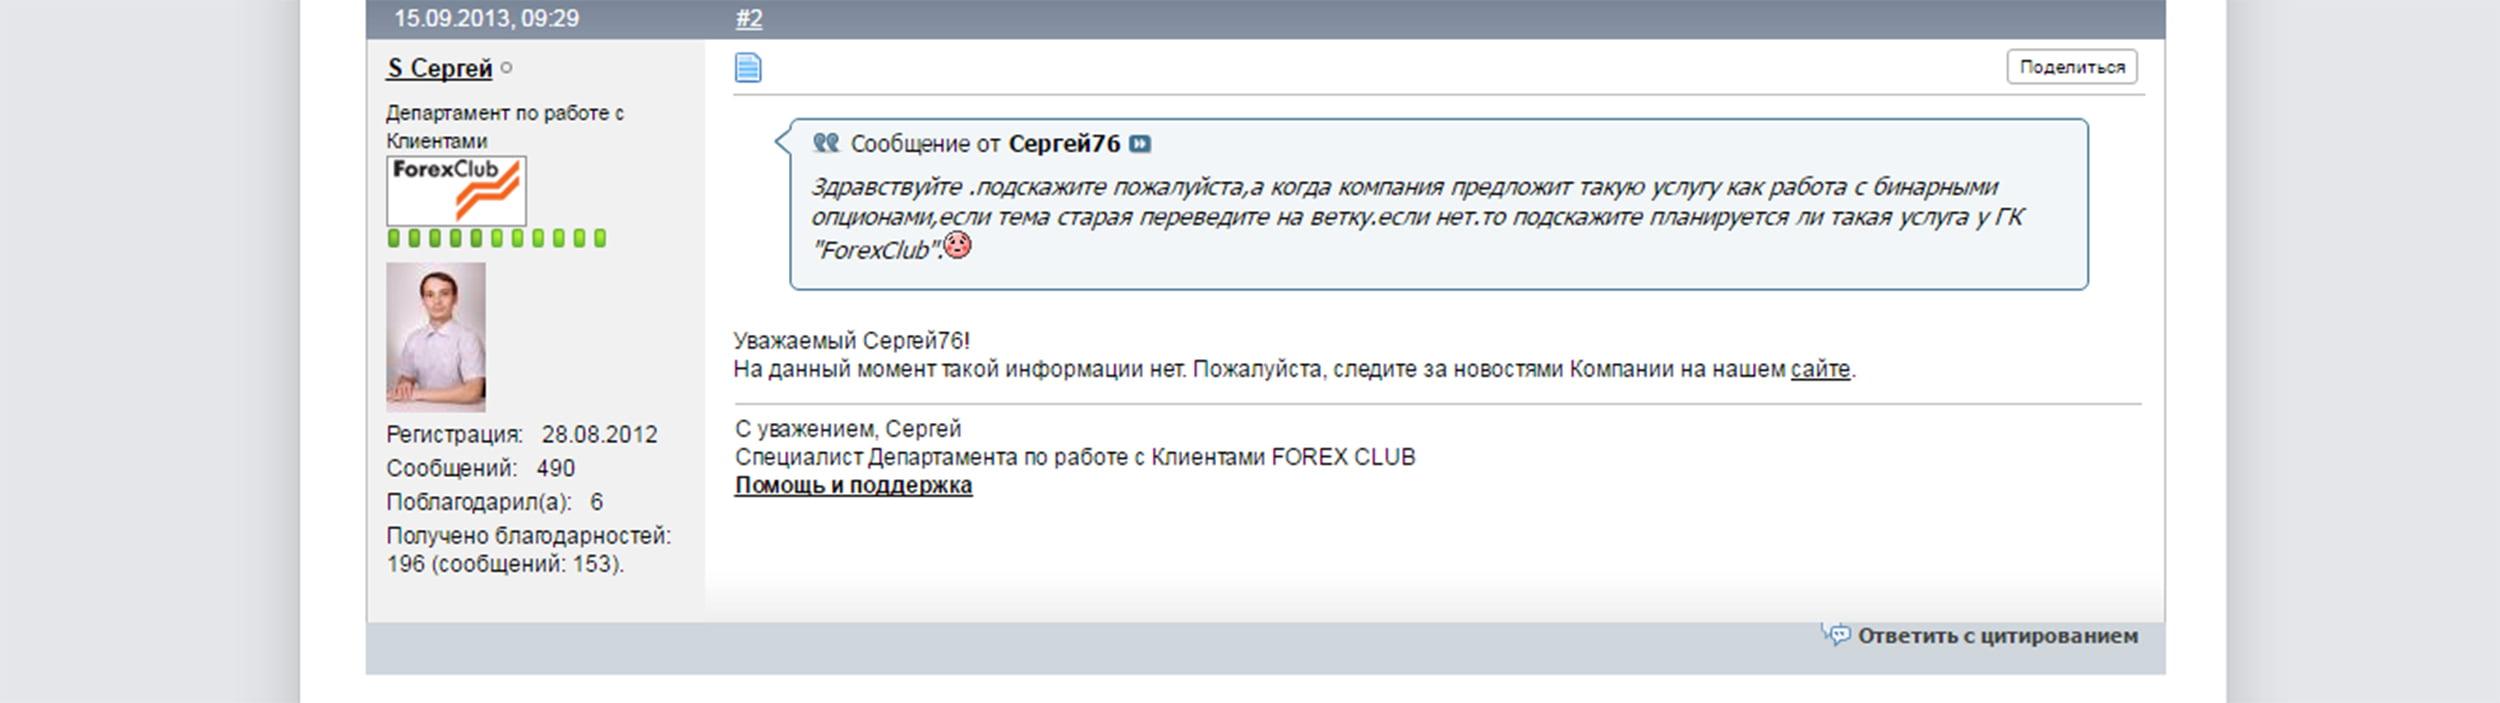 Будут ли бинарные опционы на Forex club?